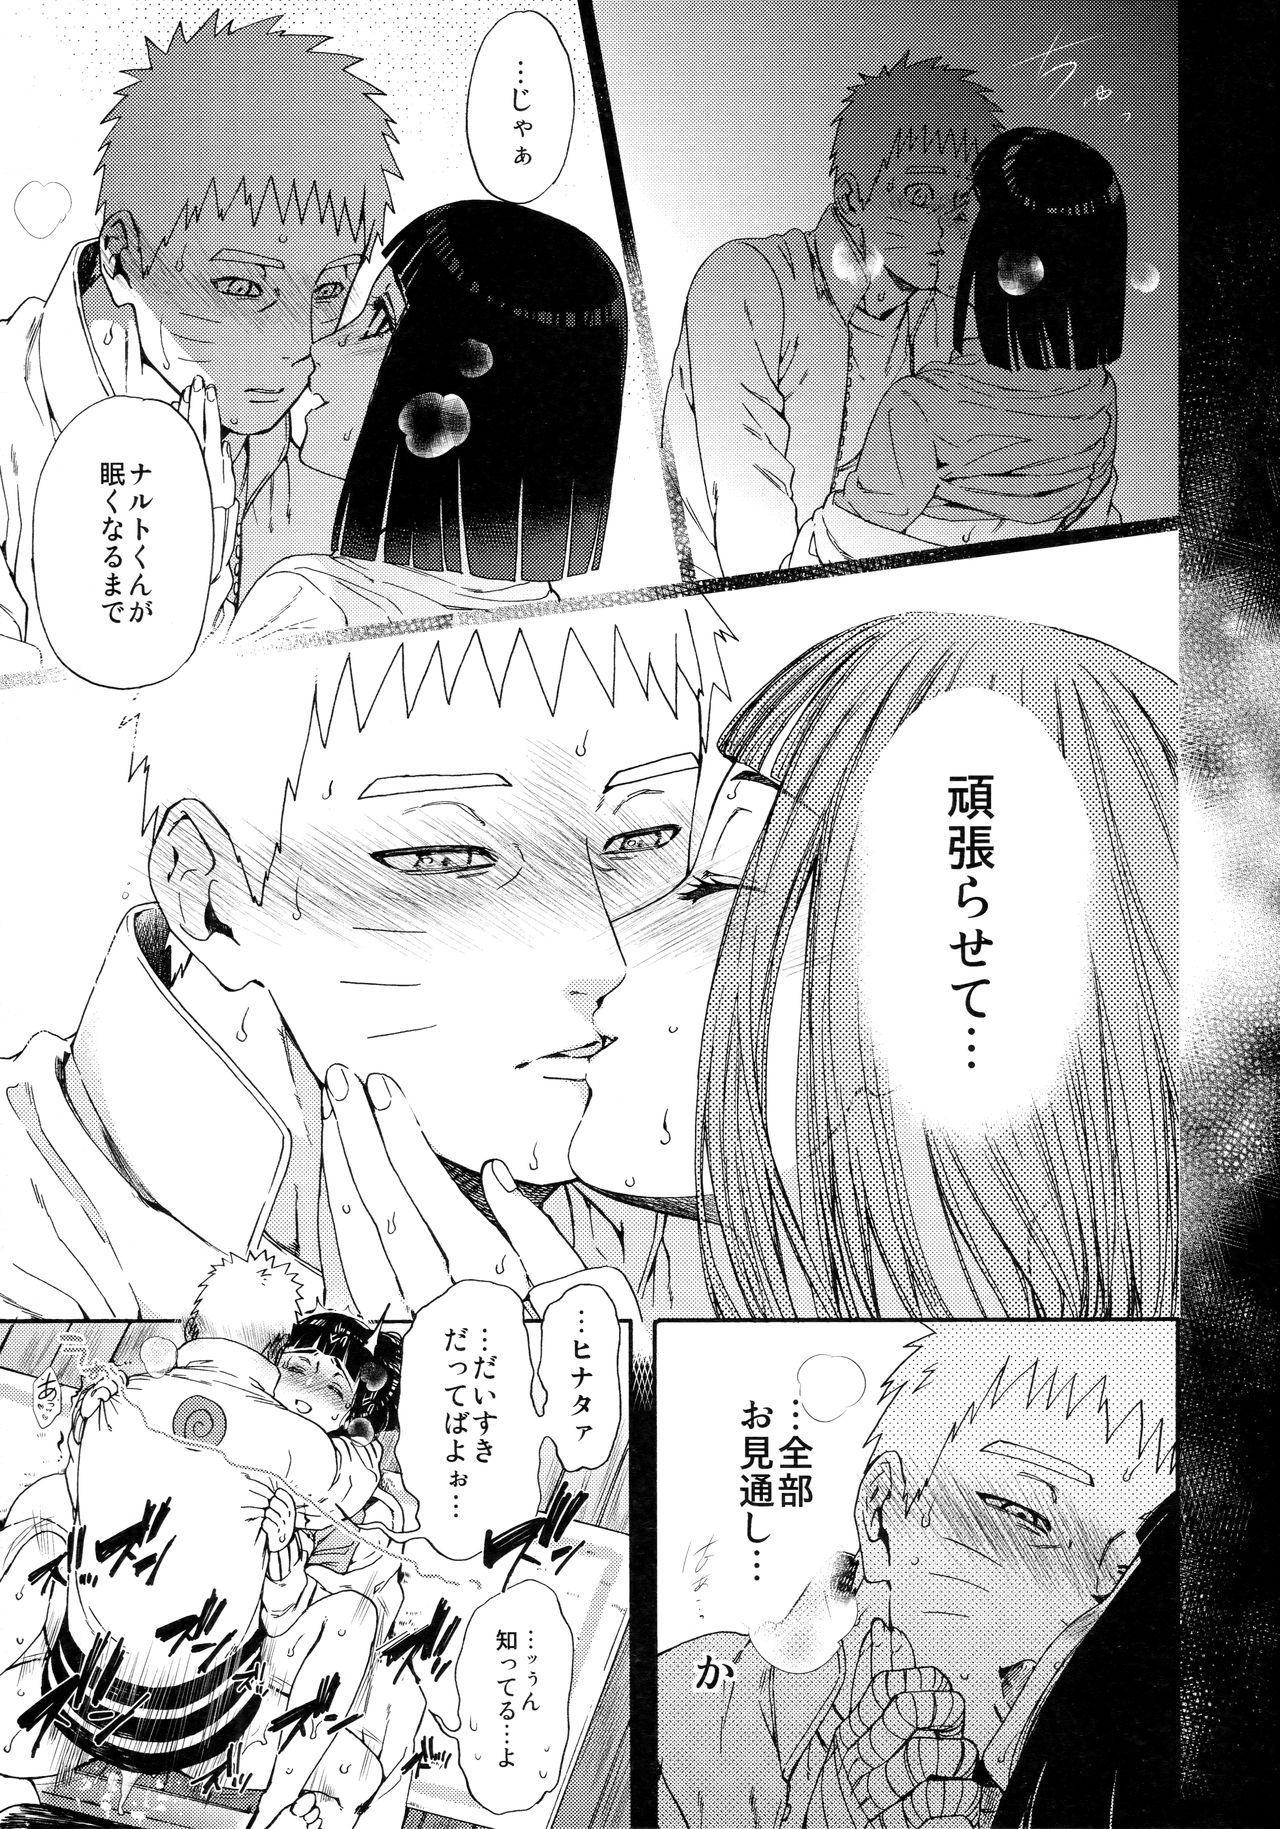 Yoru no Hanashi - Night Story 9